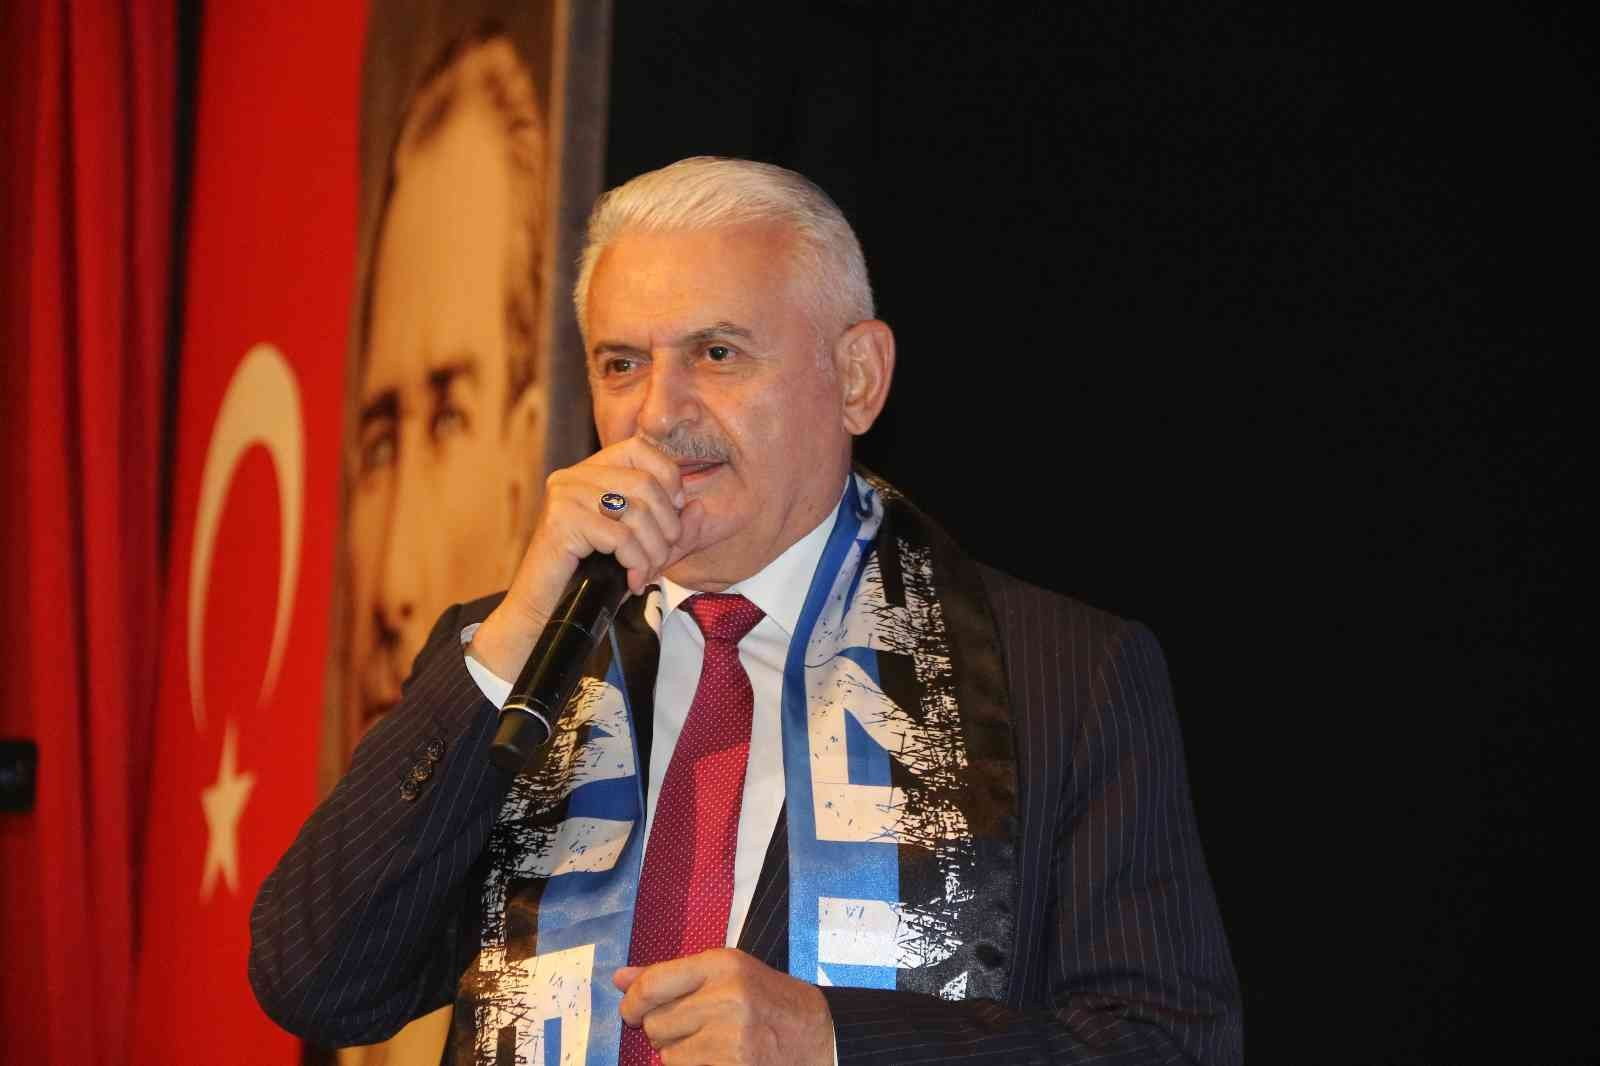 """Binali Yıldırım: """"2023'de Türkiye'yi dünyanın en gelişmiş ülkeleri arasına sokacağız"""""""